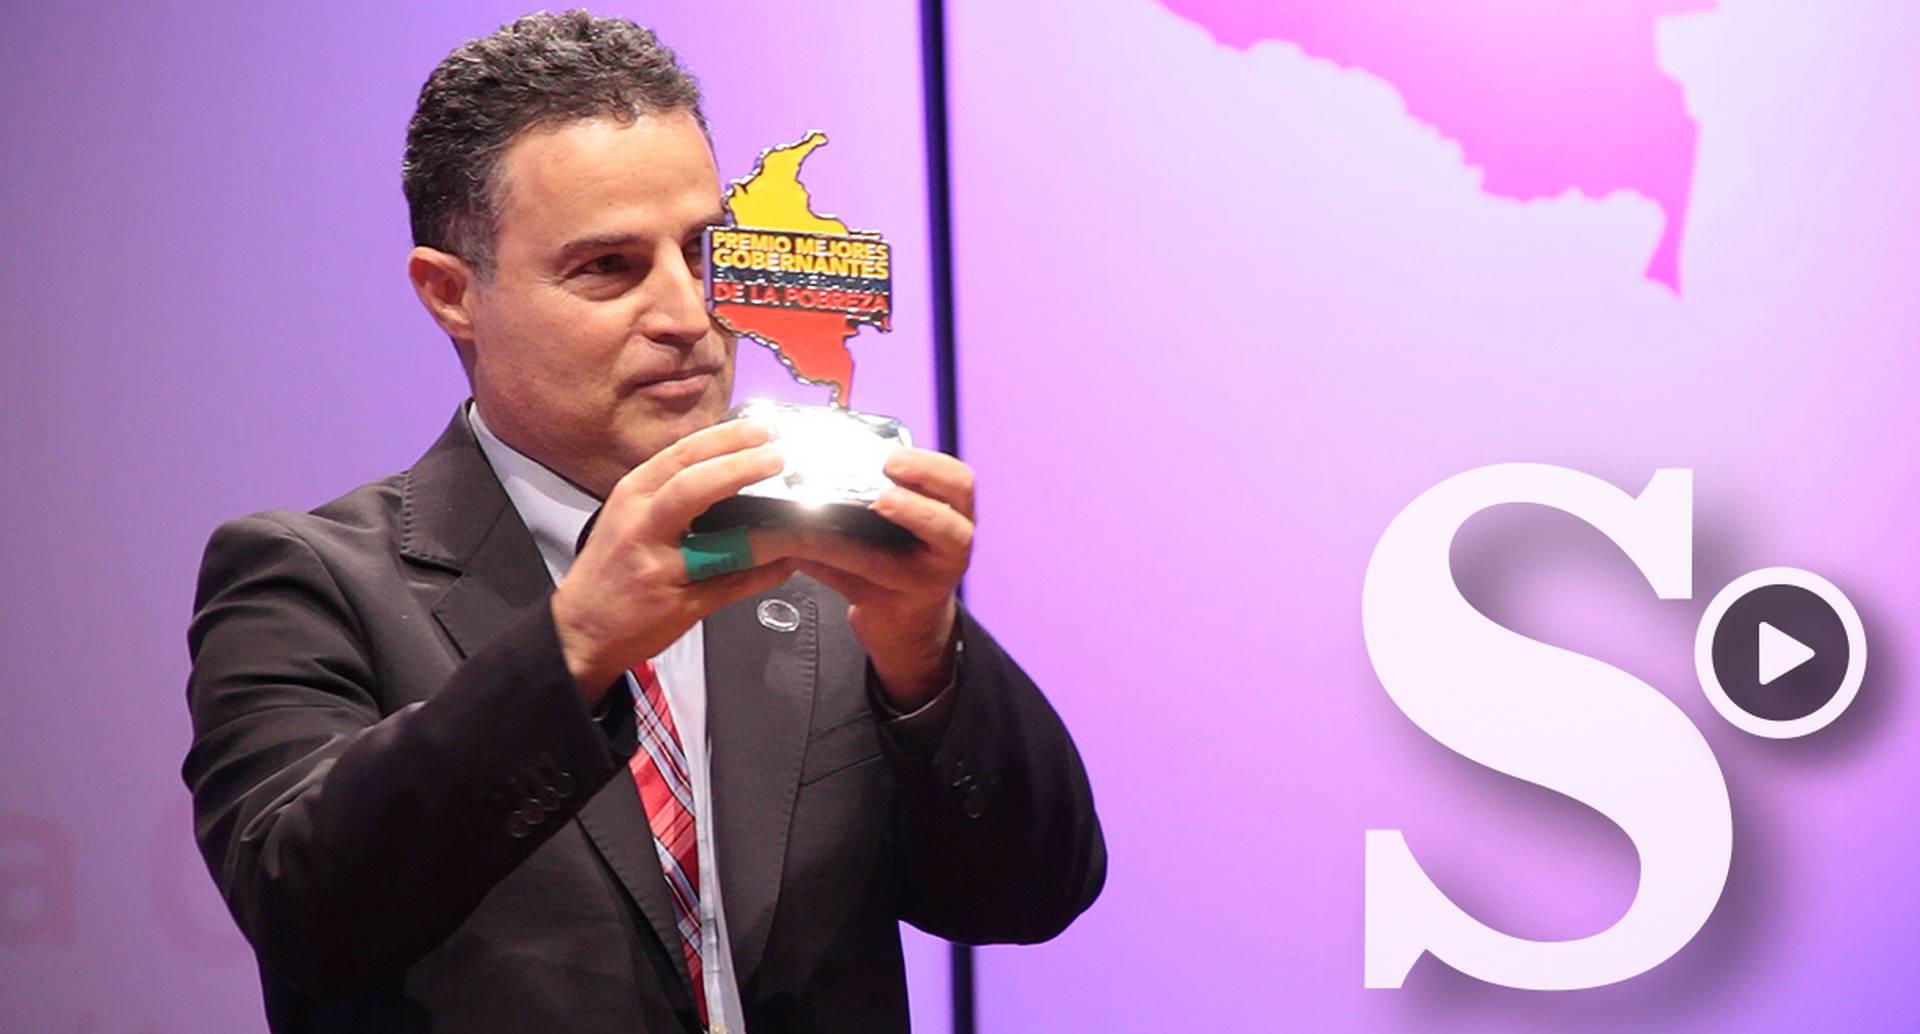 Por segunda vez, Colombia Líder entregó el Premio Mejores Gobernantes en Superación de la Pobreza, que busca exaltar la labor y los resultados de alcaldes y gobernadores que realizan una buena gestión pública con excelencia administrativa para superar la pobreza y la desigualdad, y logran la equidad en sus entes territoriales.